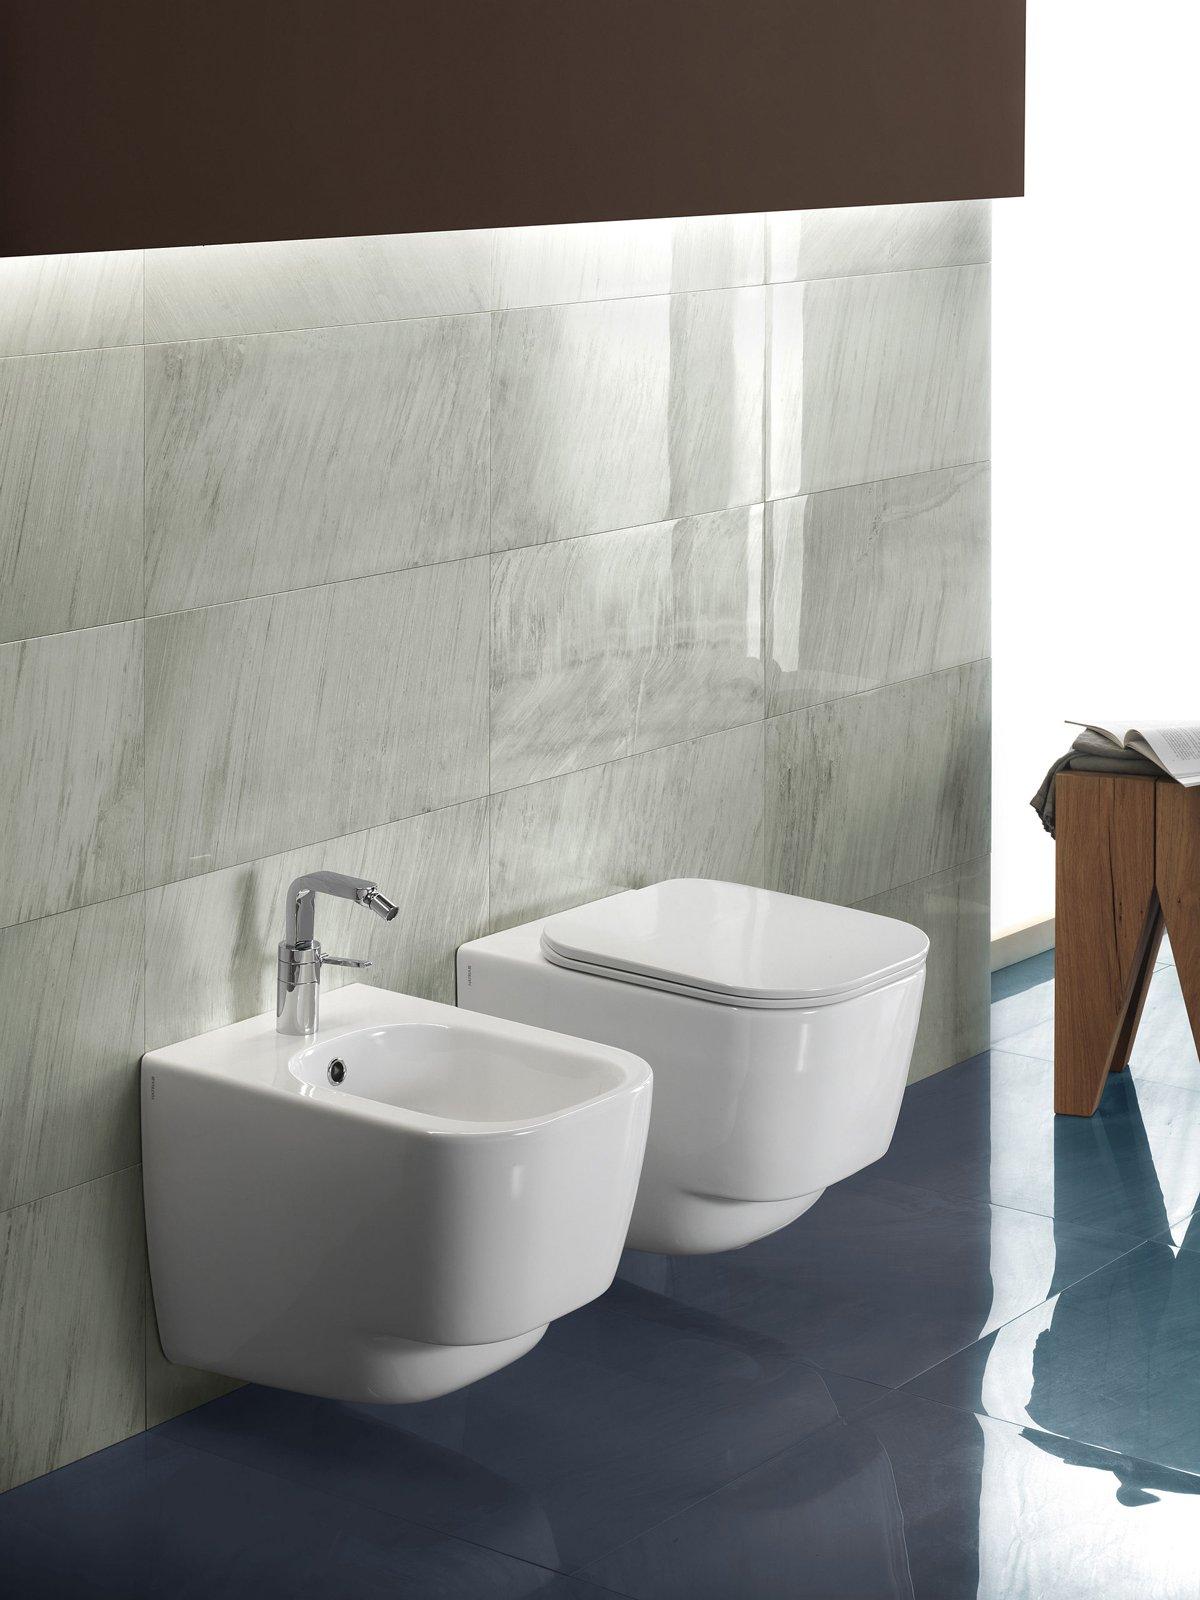 Salvaspazio per il bagno sanitari piccoli cose di casa - Ingombro sanitari bagno ...